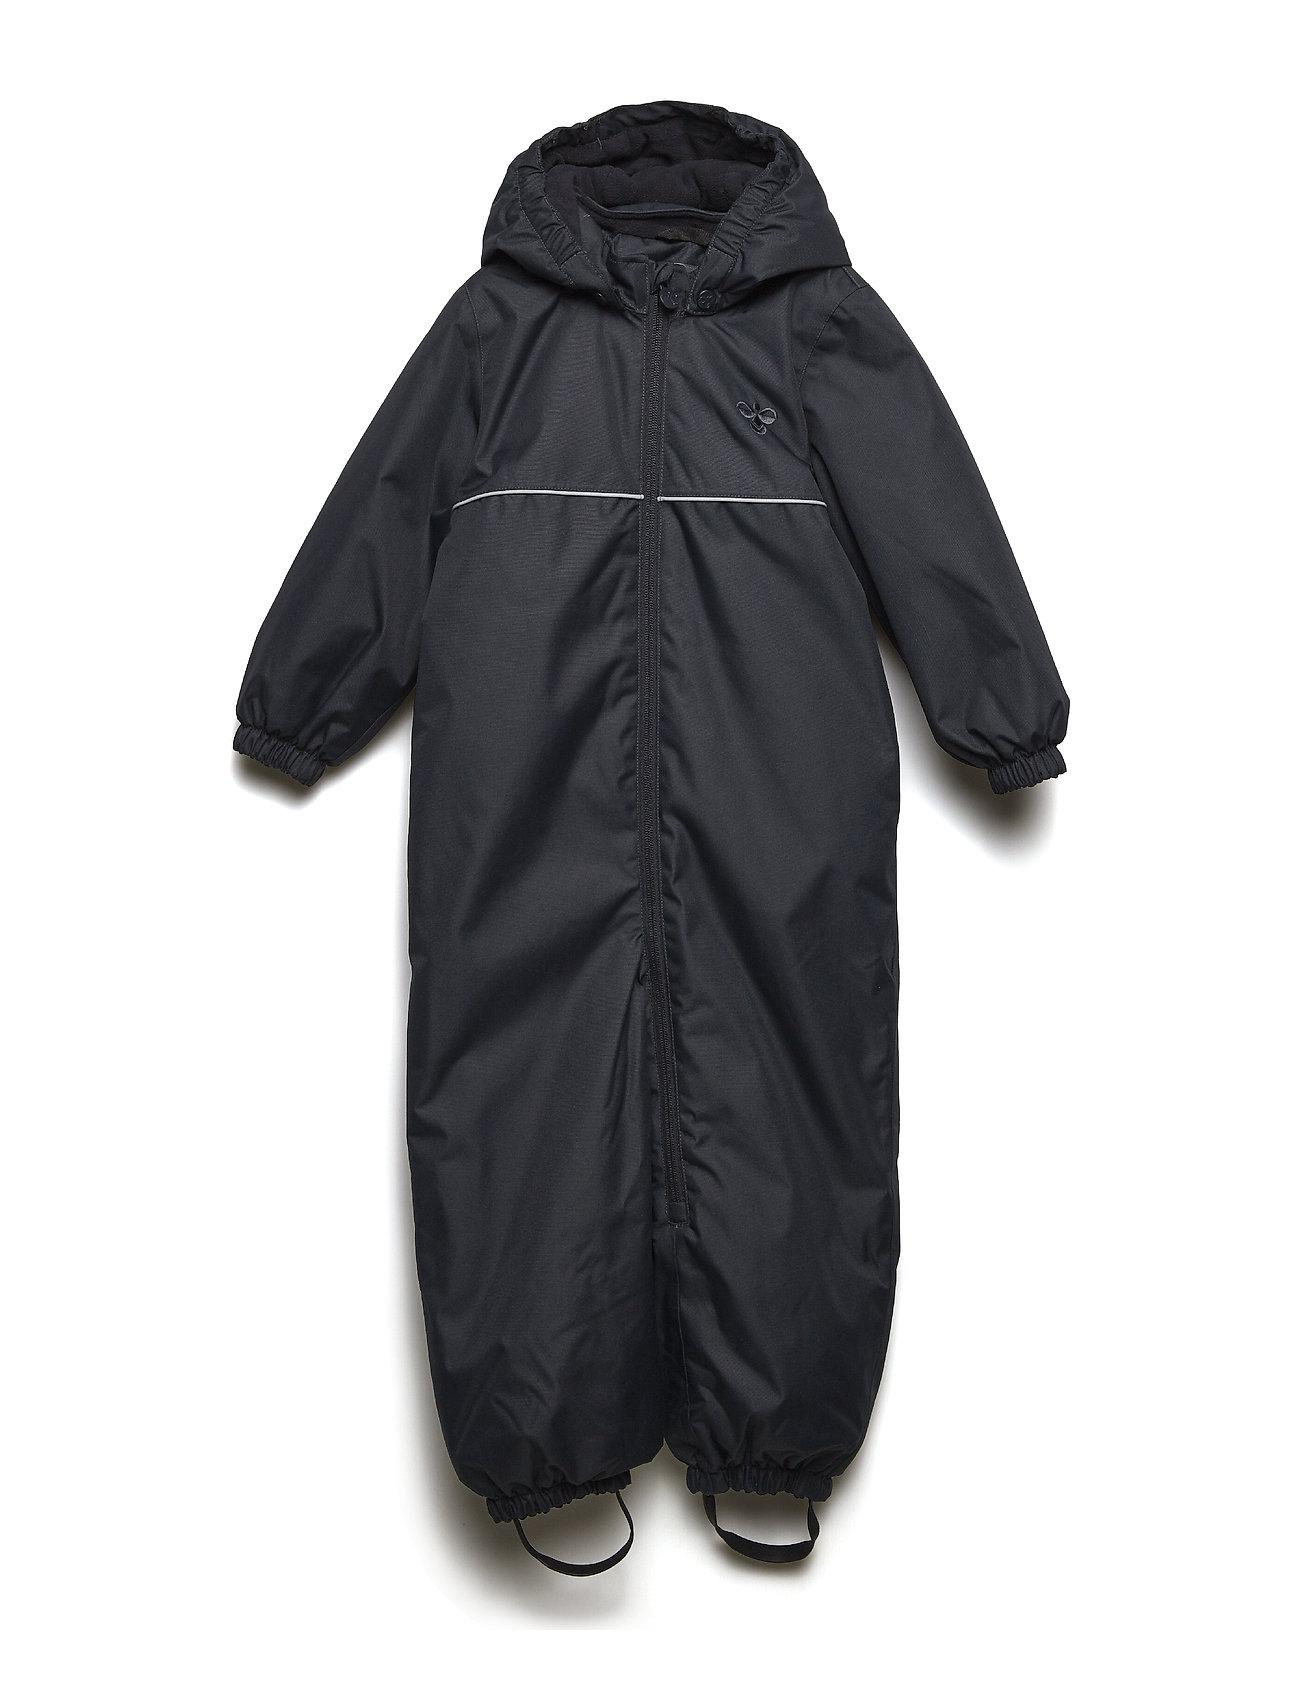 Image of Hmlcarlo Snow Suit Flyverdragt Overtøj Blå HUMMEL (3067455321)